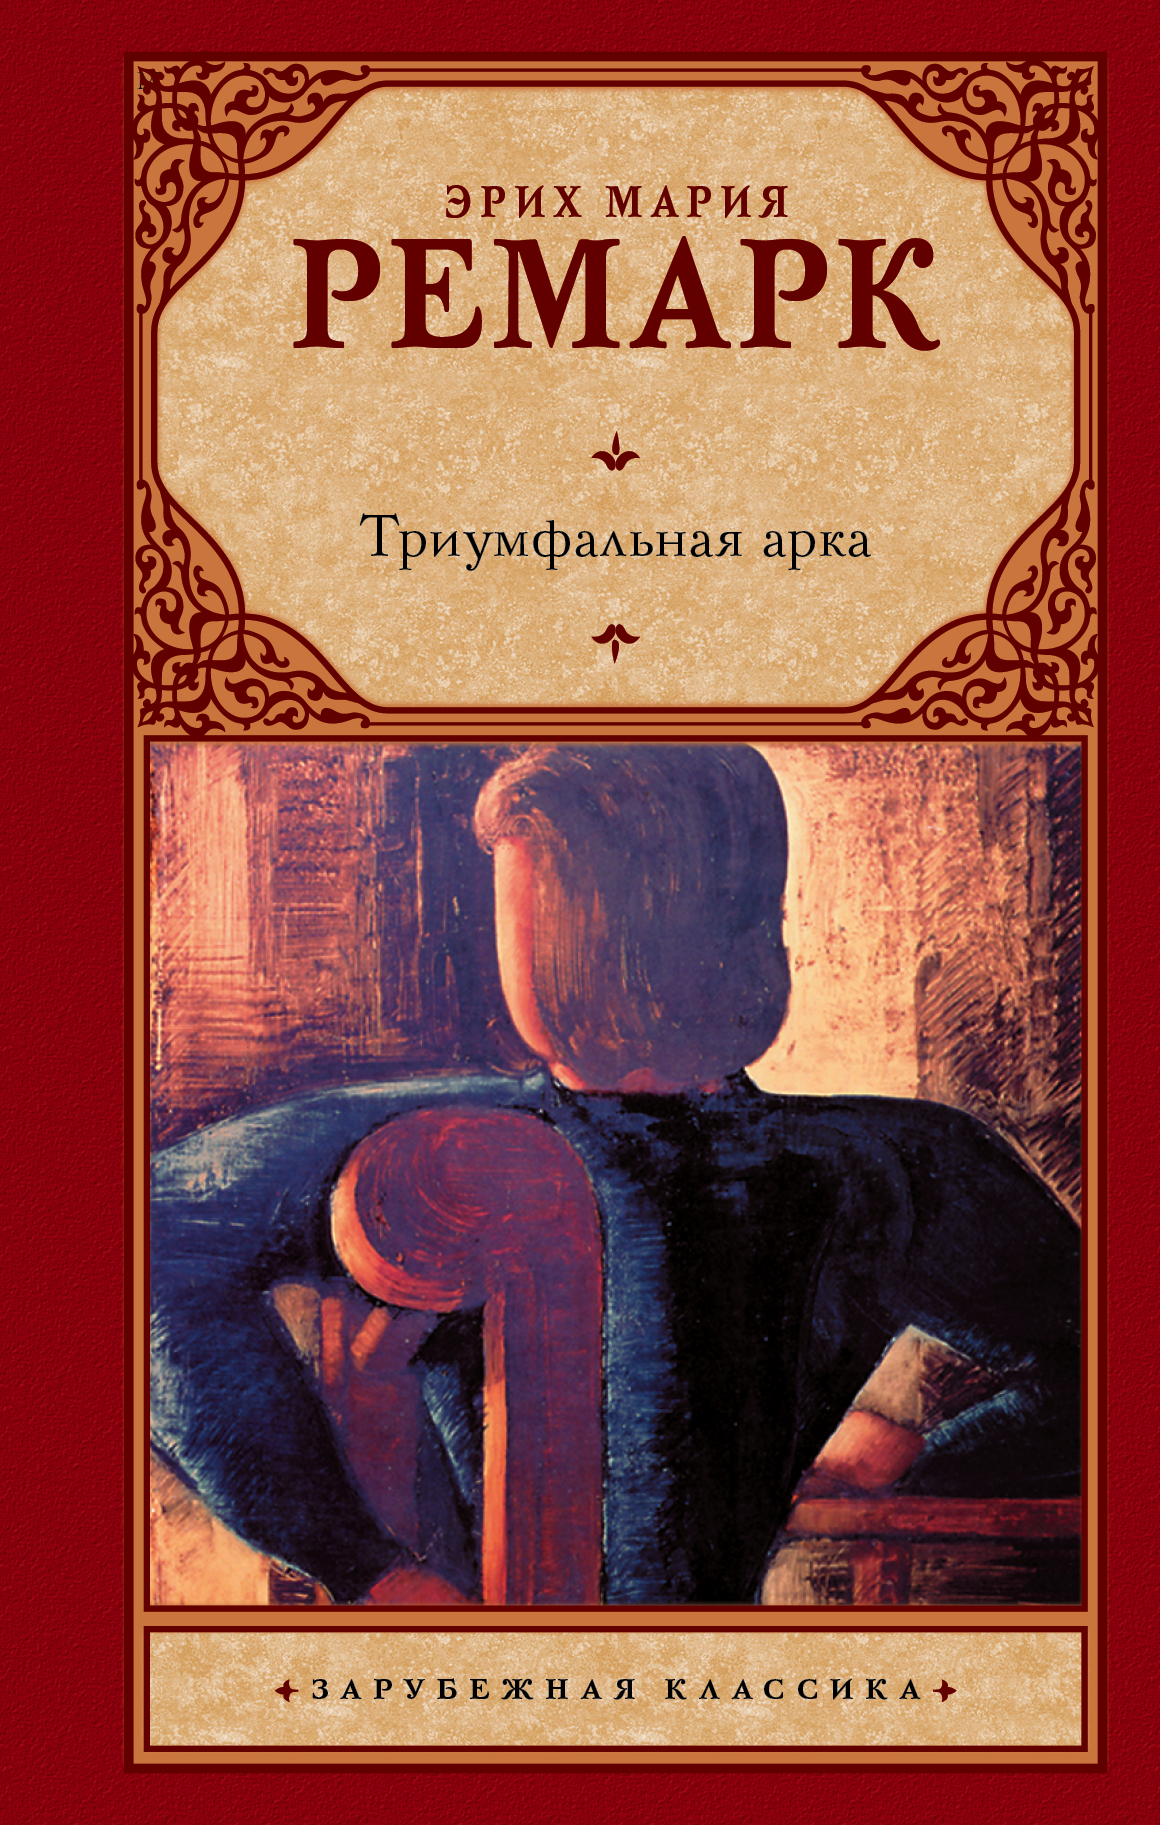 Ремарк Эрих Мария Триумфальная арка александр романов о любви и страдании